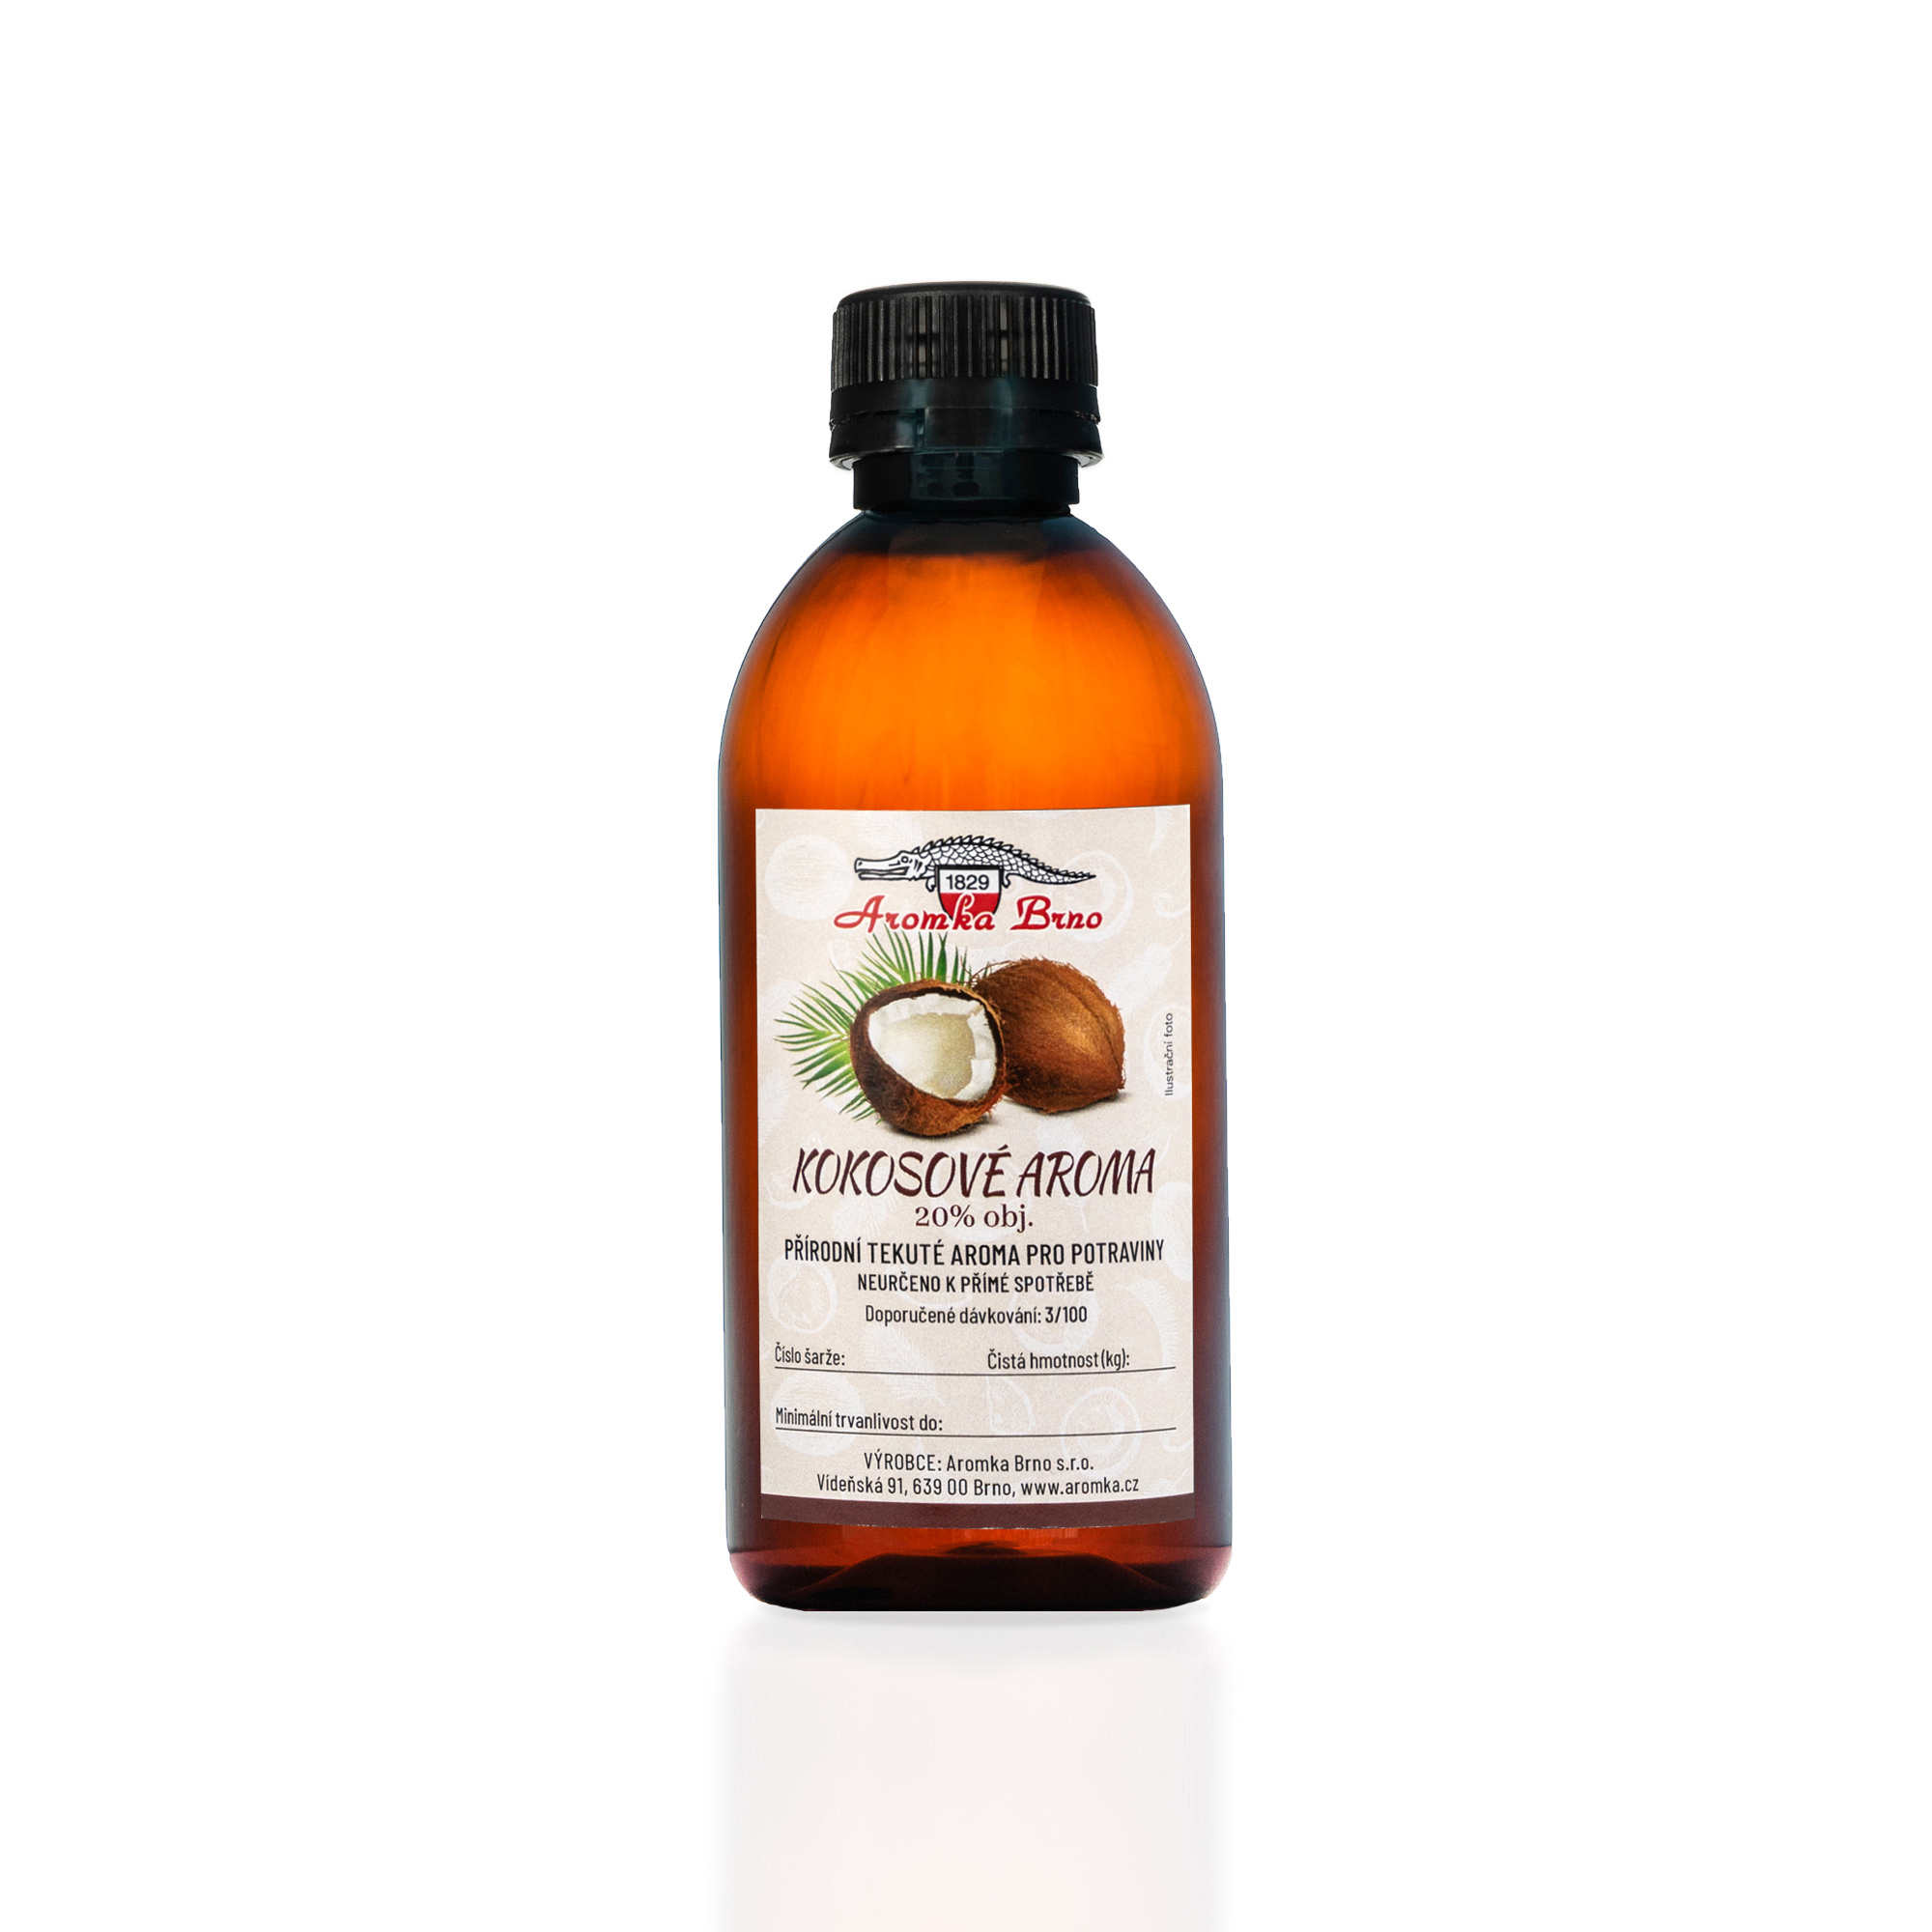 kokosove-aroma-260ml